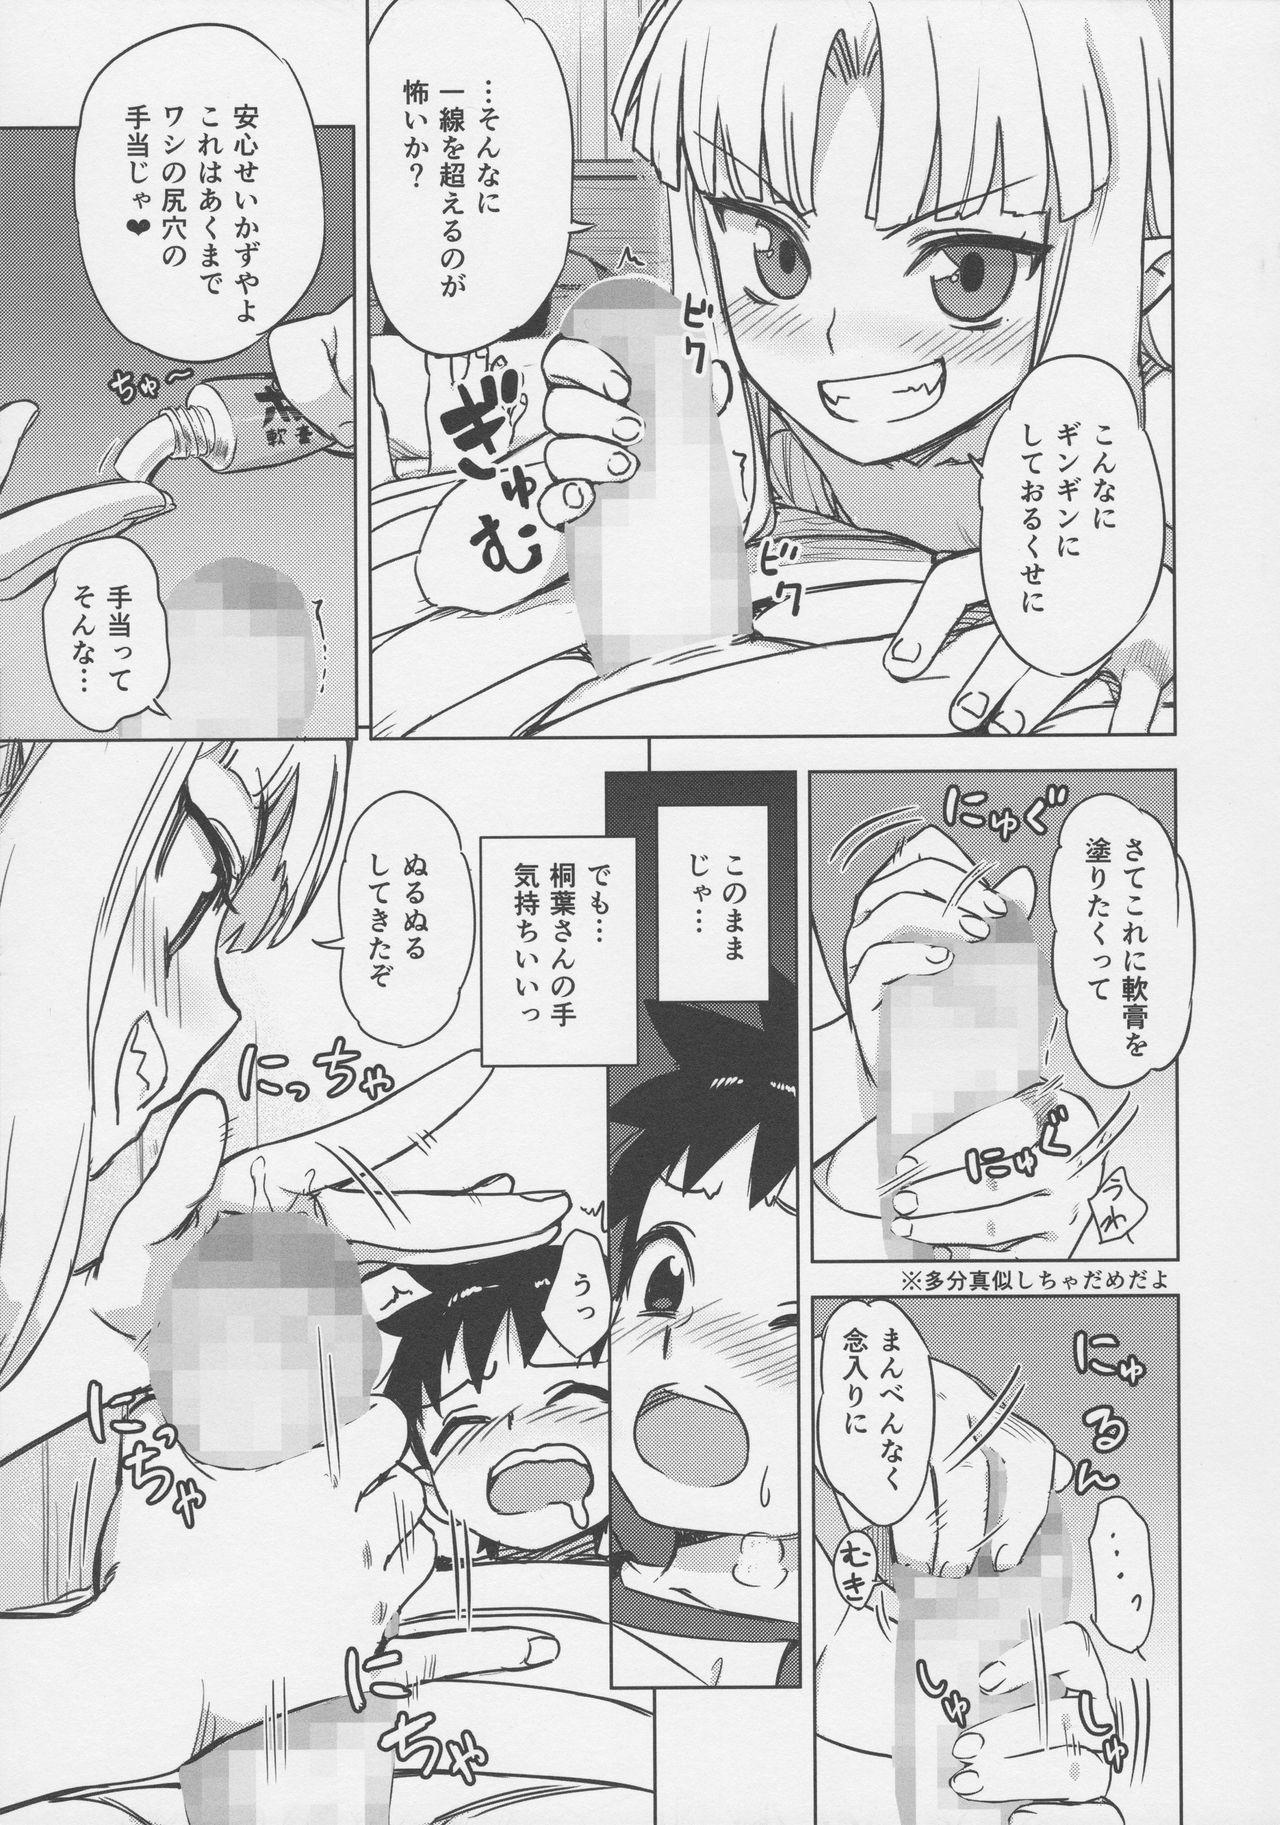 Loli Kiriha-san no Anal o Care Suru Hon 7